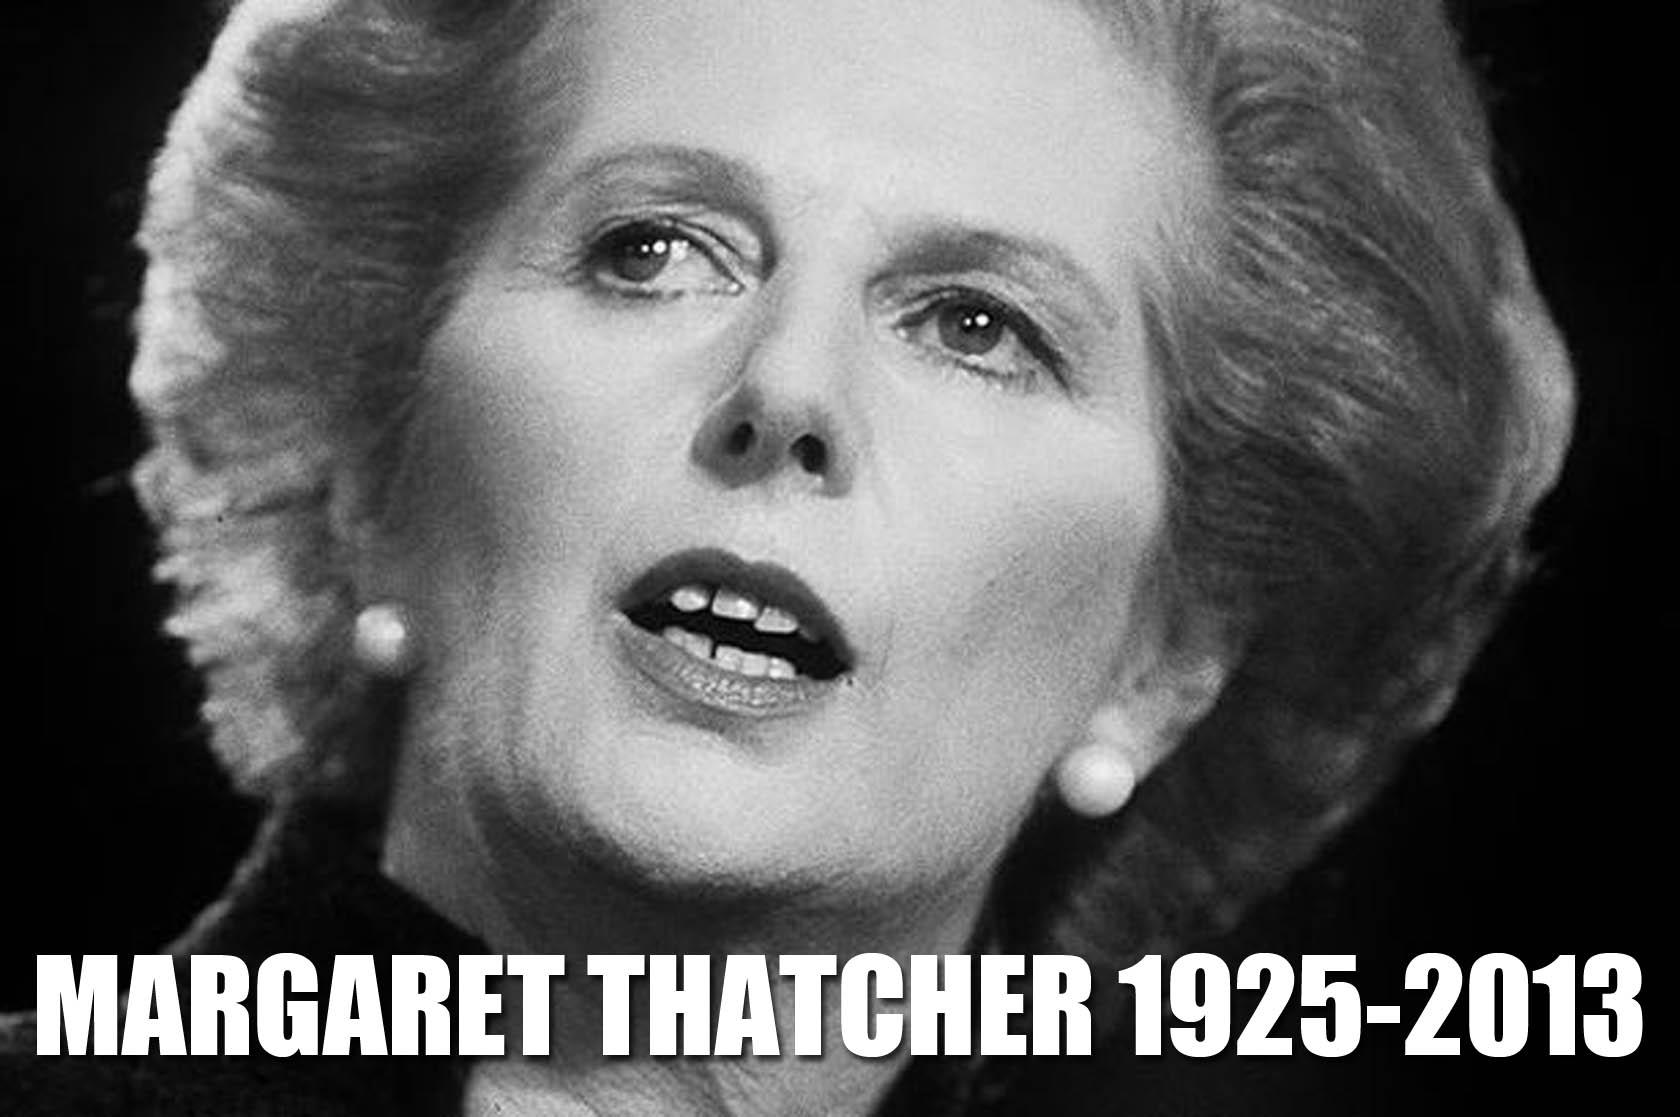 Bơ Vơ Phận Già - Vui Sống với Tuổi Già  Thatcher-hi-res